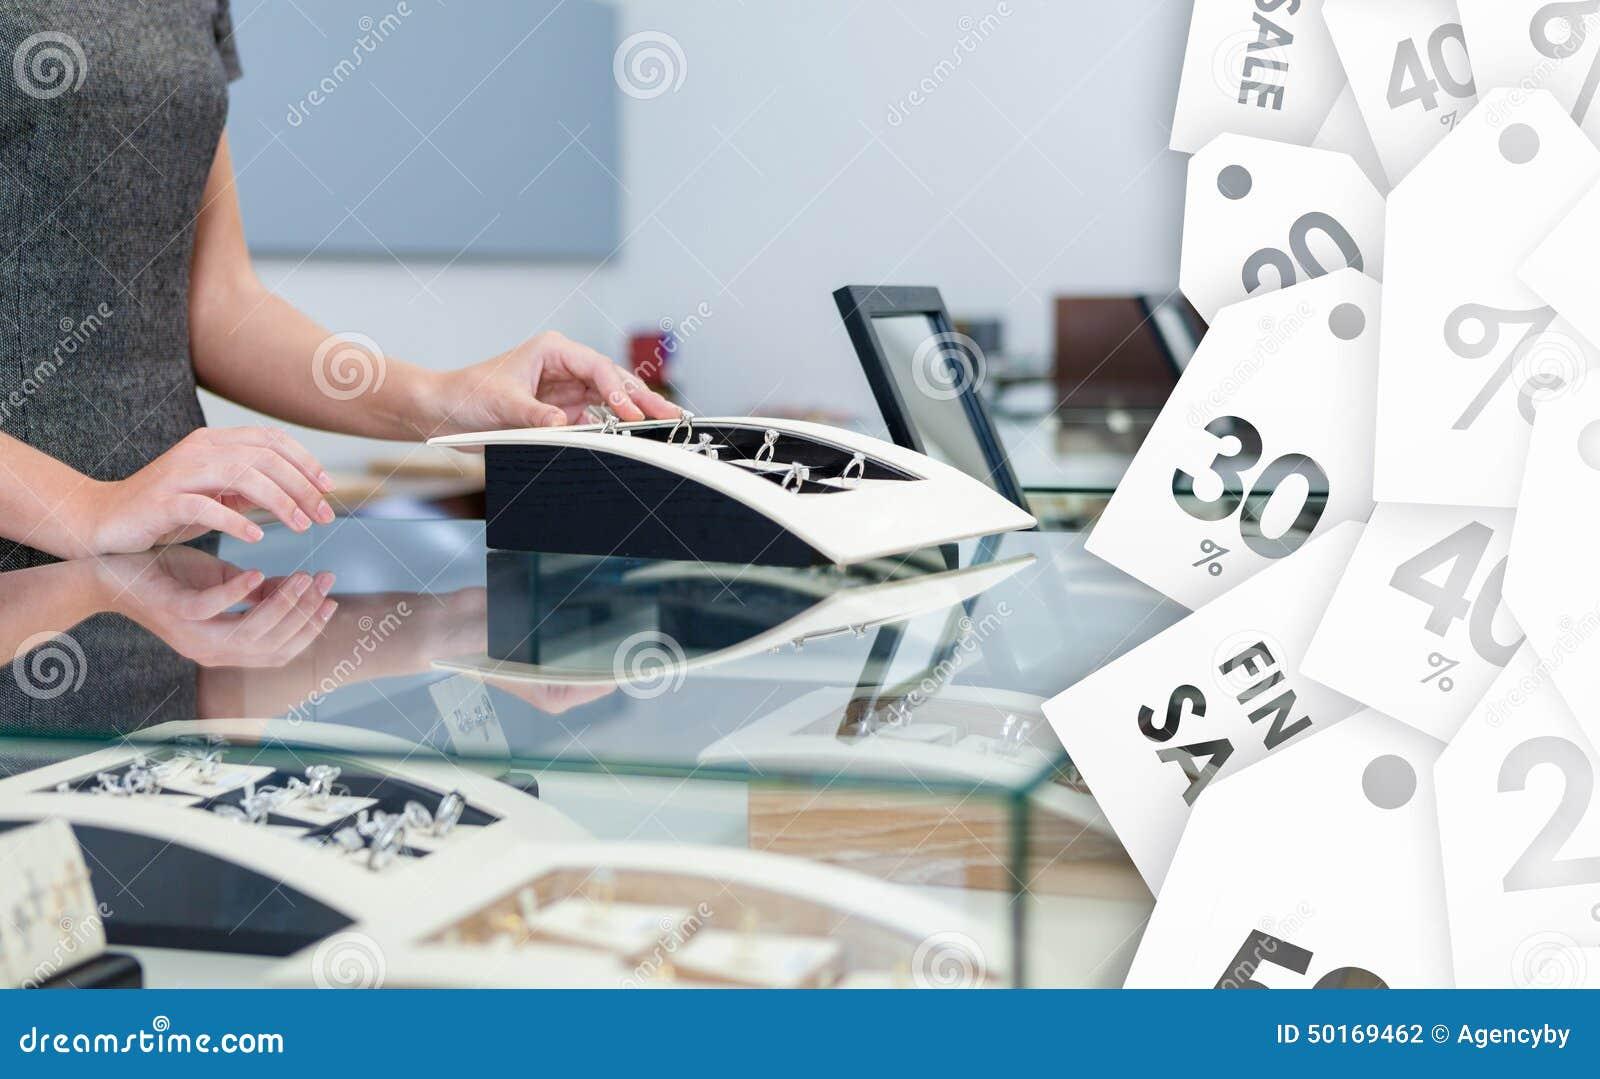 Hände des Beschwichtigungsmittelassistenten am Fensterkasten mit Diamantringen